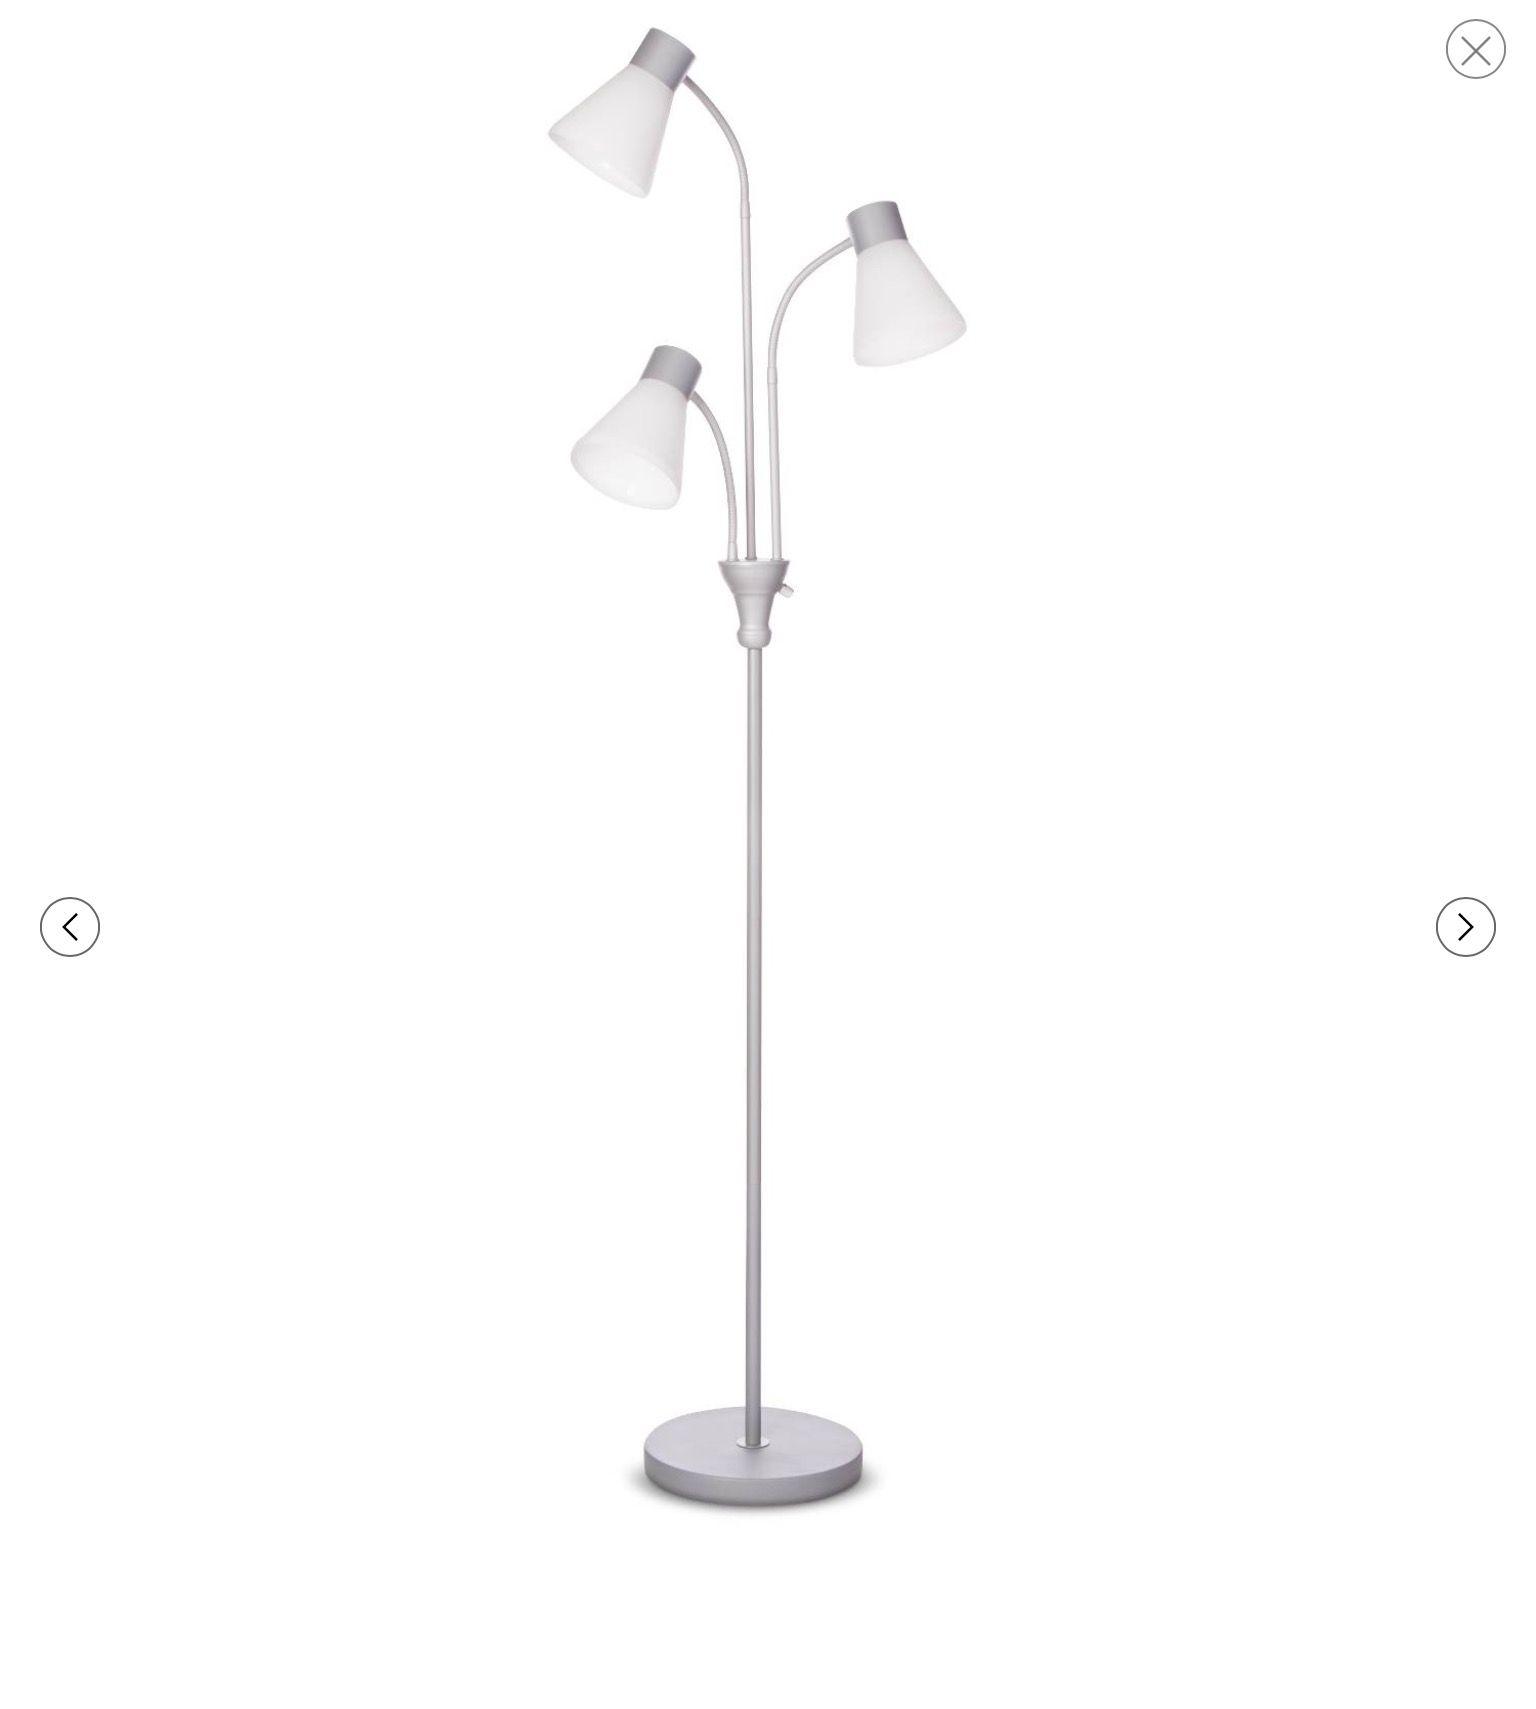 Http Www Target Com P Multi Head Floor Lamp Includes Cfl Bulb Room Essentials A 23980430 Lnk Rec Pdpipadh1 Related Prods Target Floor Lamps Lamp Floor Lamp